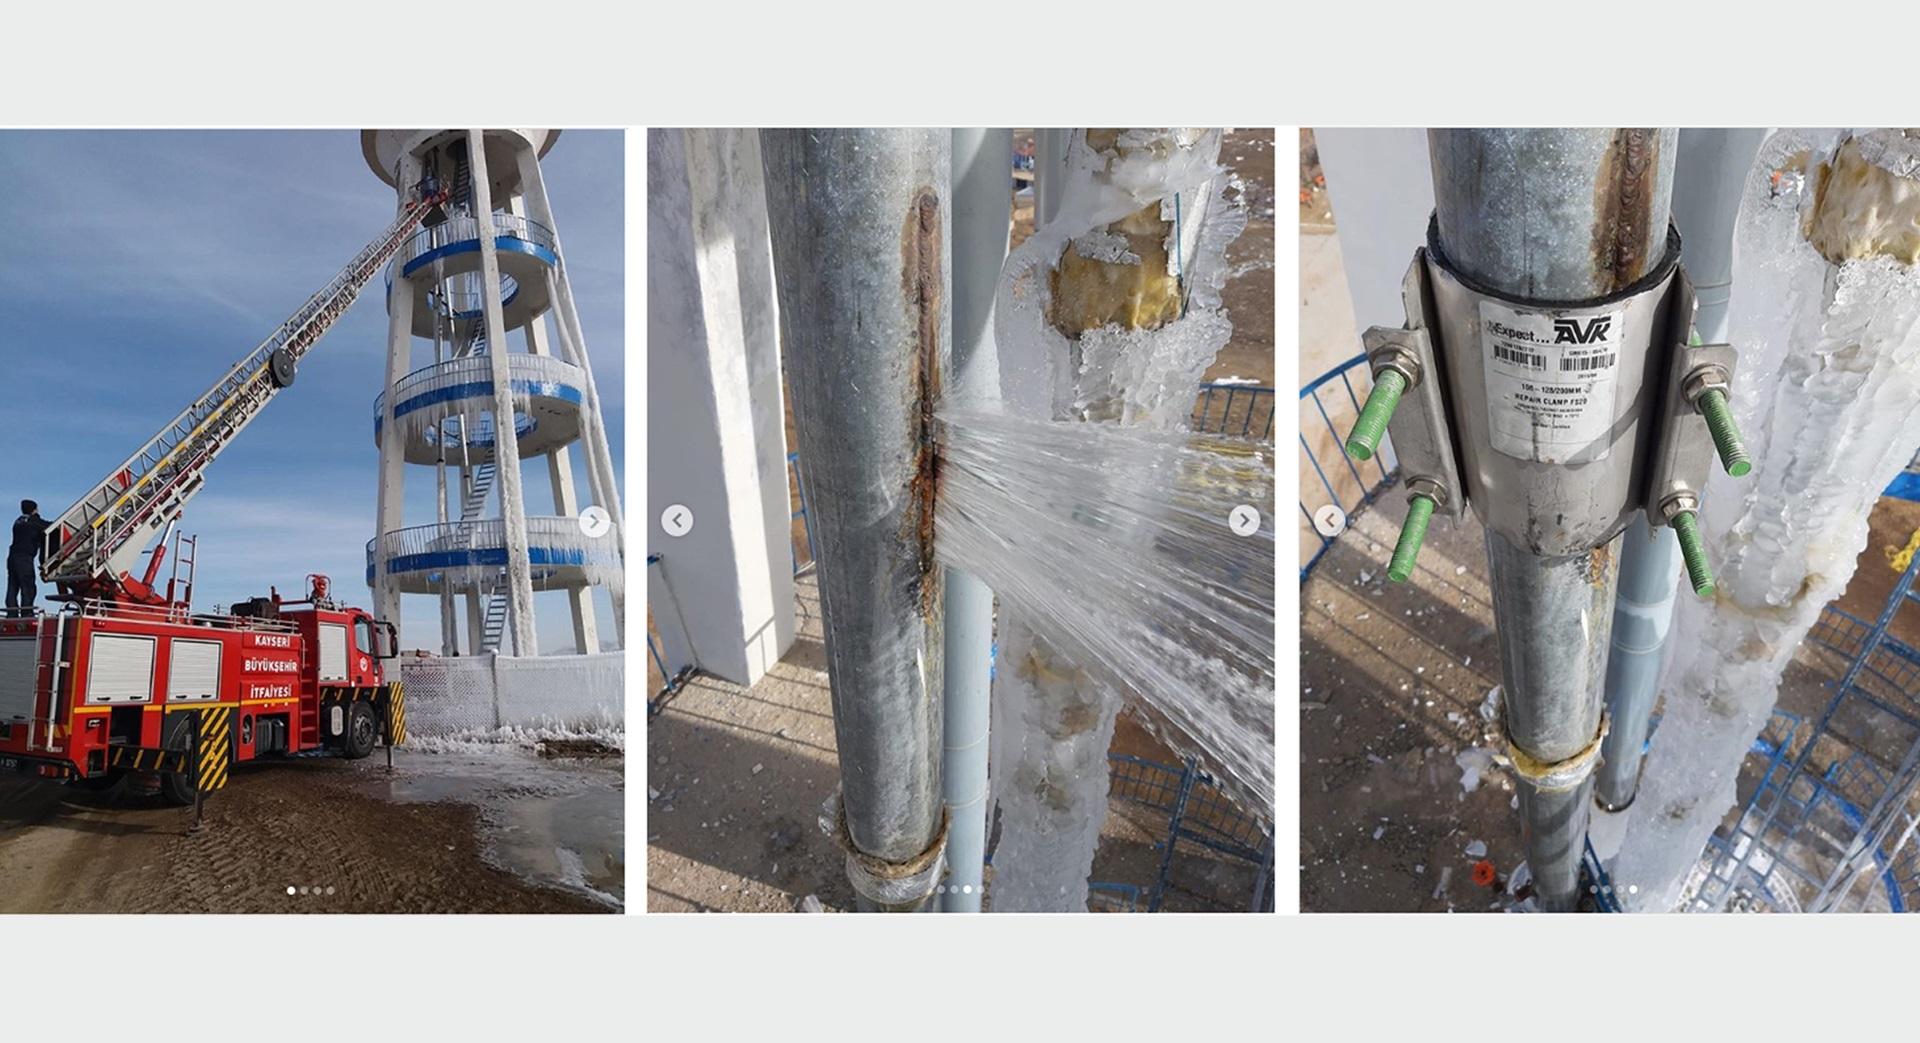 AVK hjelper vannverk å bli mer effektive